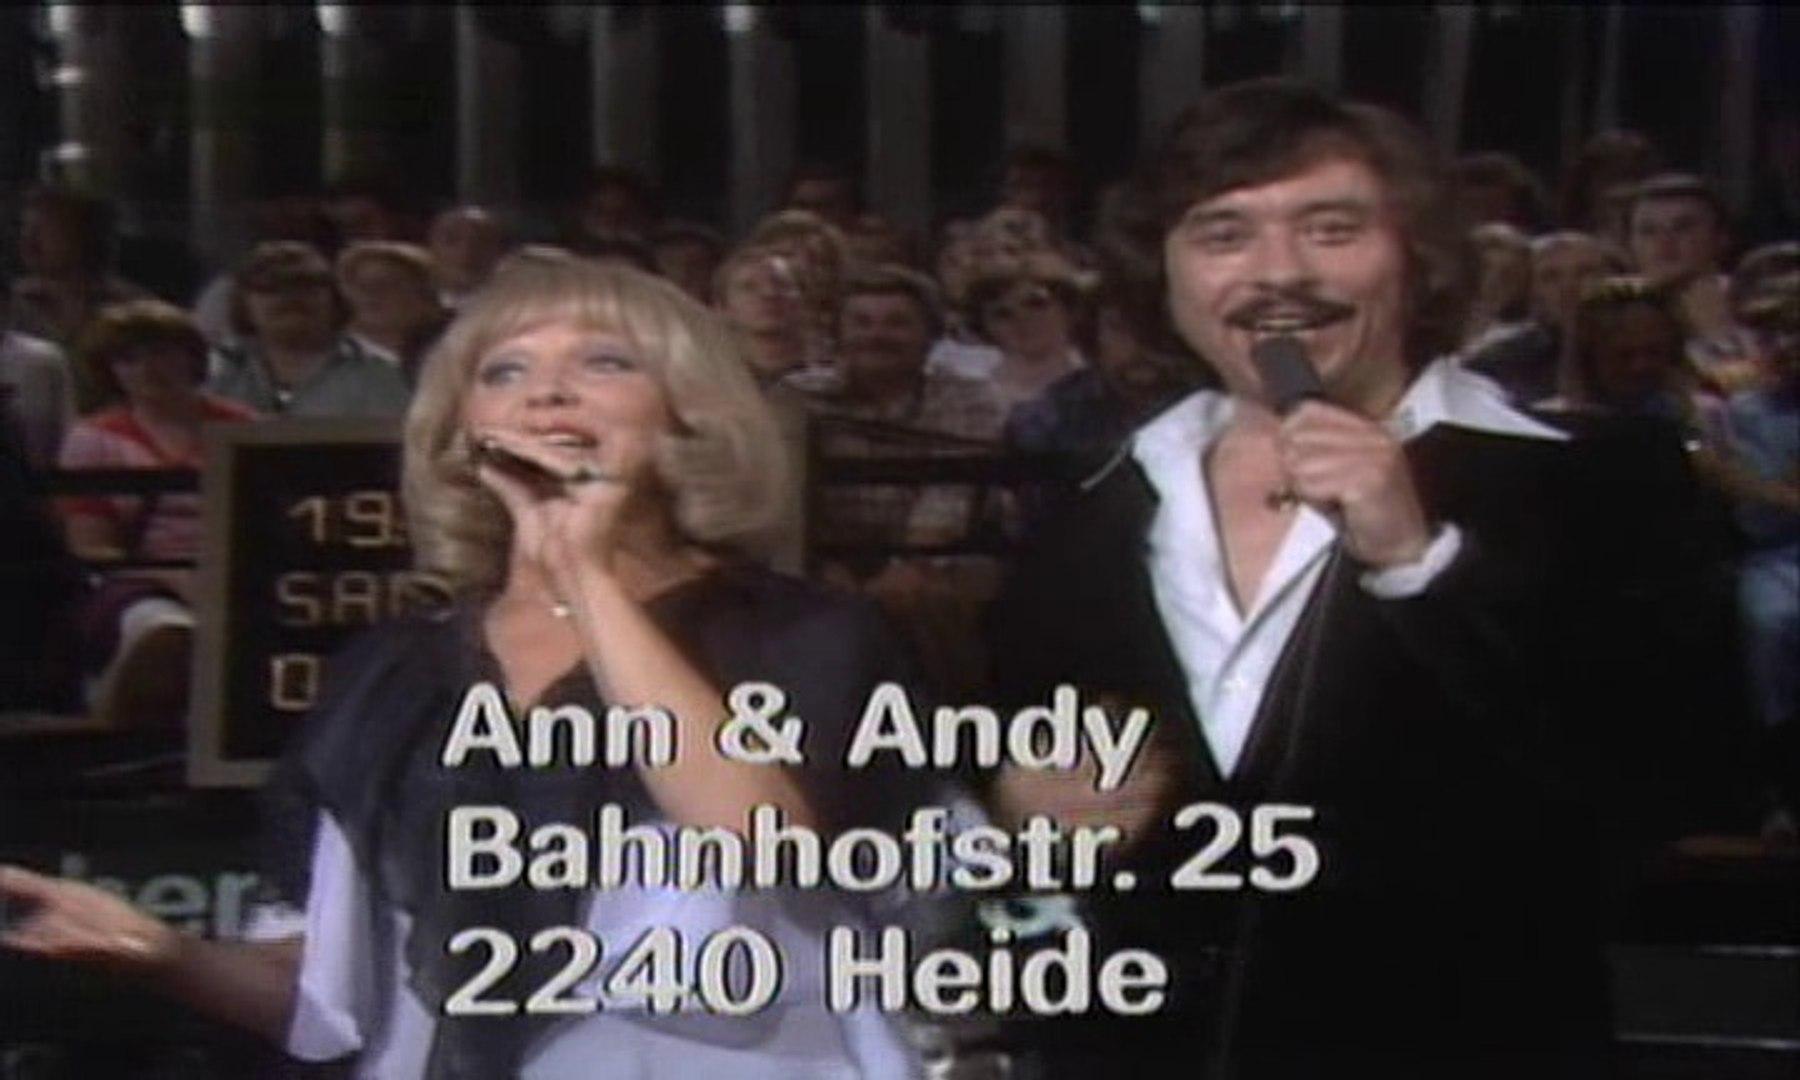 Ann & Andy - Ein Zigeuner und ein blondes Mädchen 1977